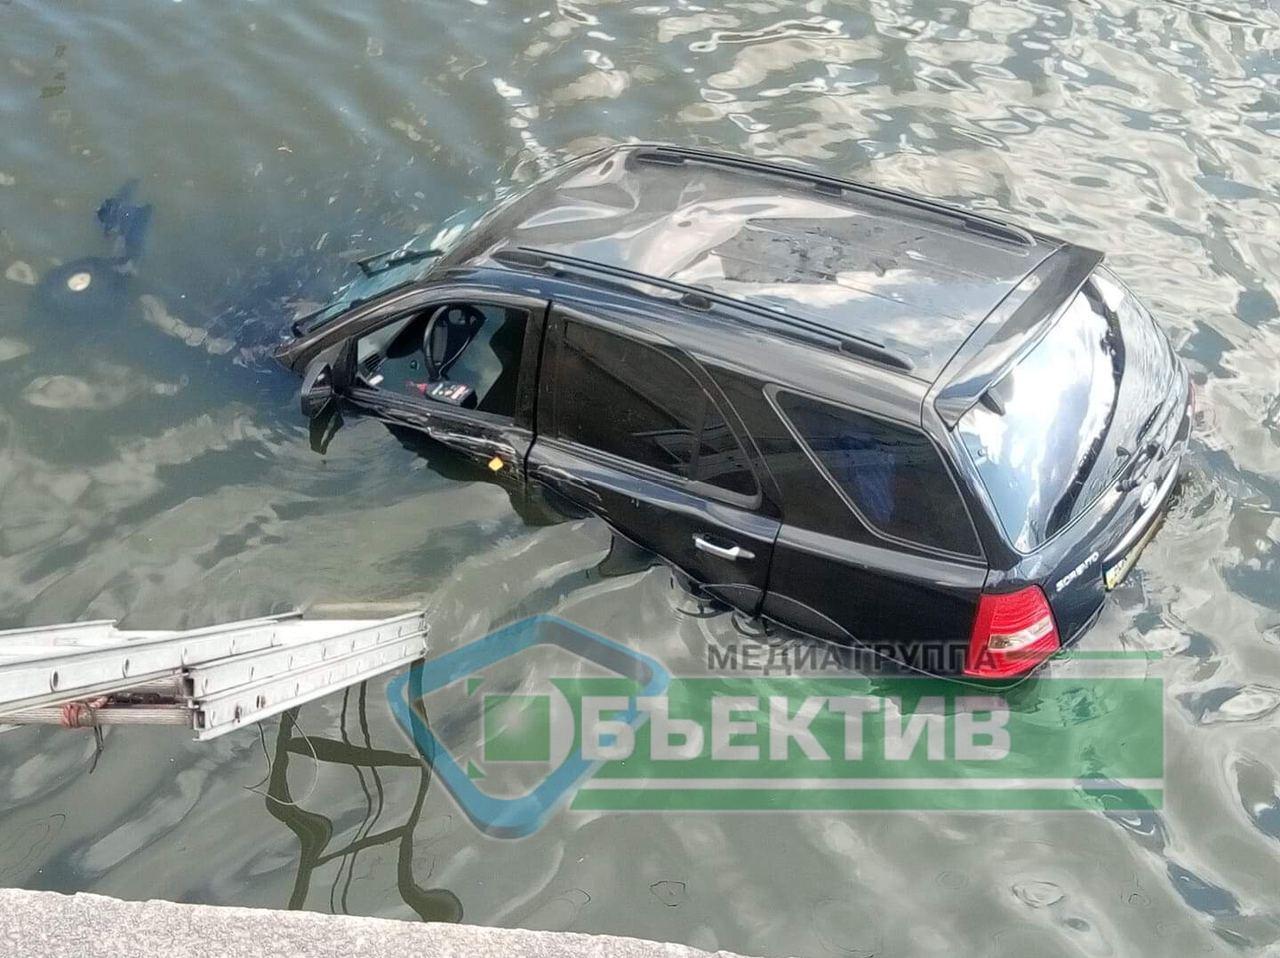 В Харькове автомобиль в результате ДТП упал в реку (видео, фото)